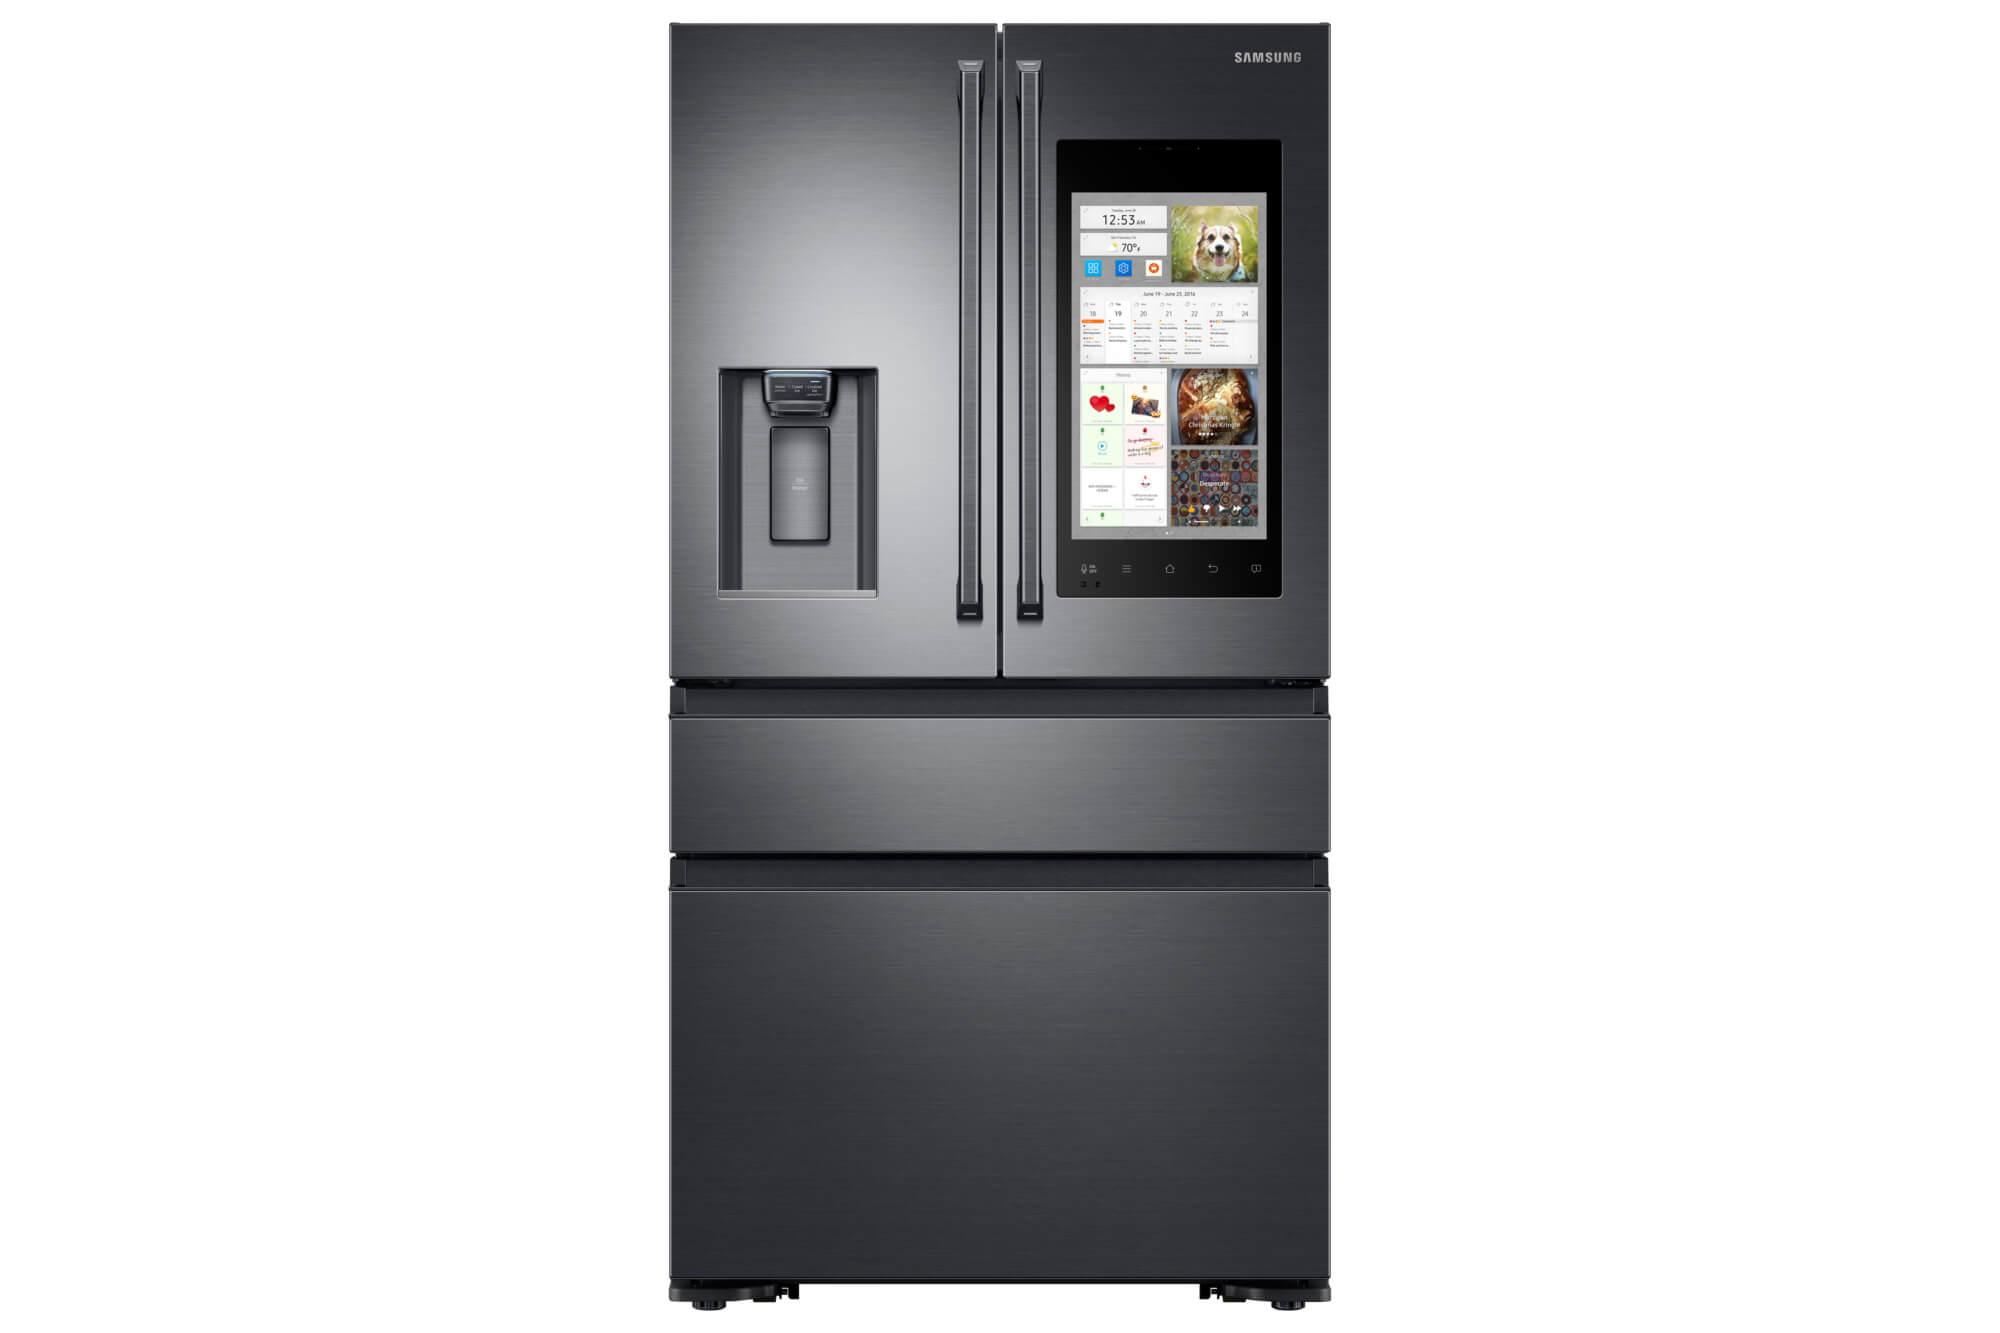 Bomann Kühlschrank Expert : Kühlschrank l panasonic kühlschrank